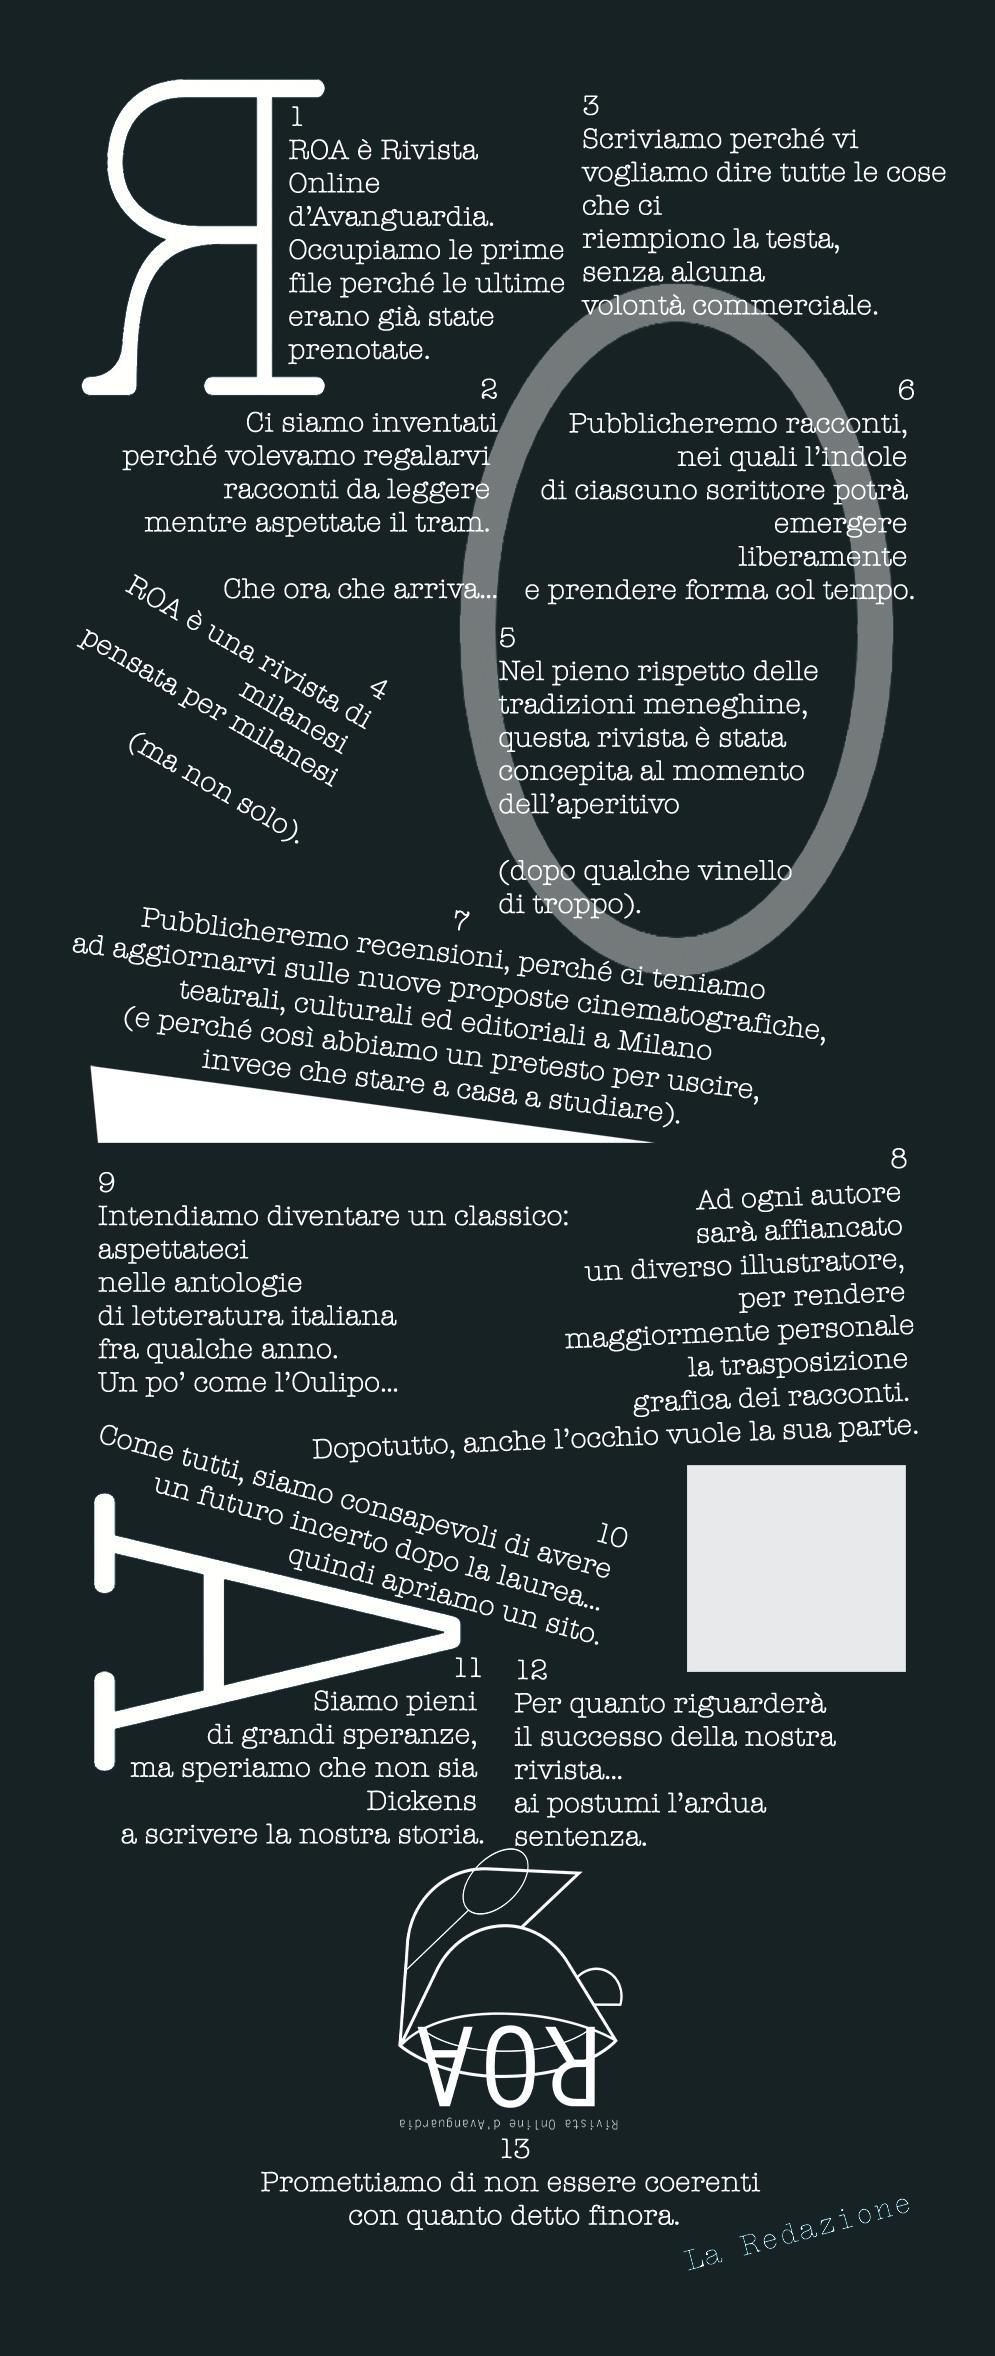 non Manifesto ROA futurista negativo web recensioni racconti tazza di caffè milanese nuovo logo roa rivista online avanguardia gratuita